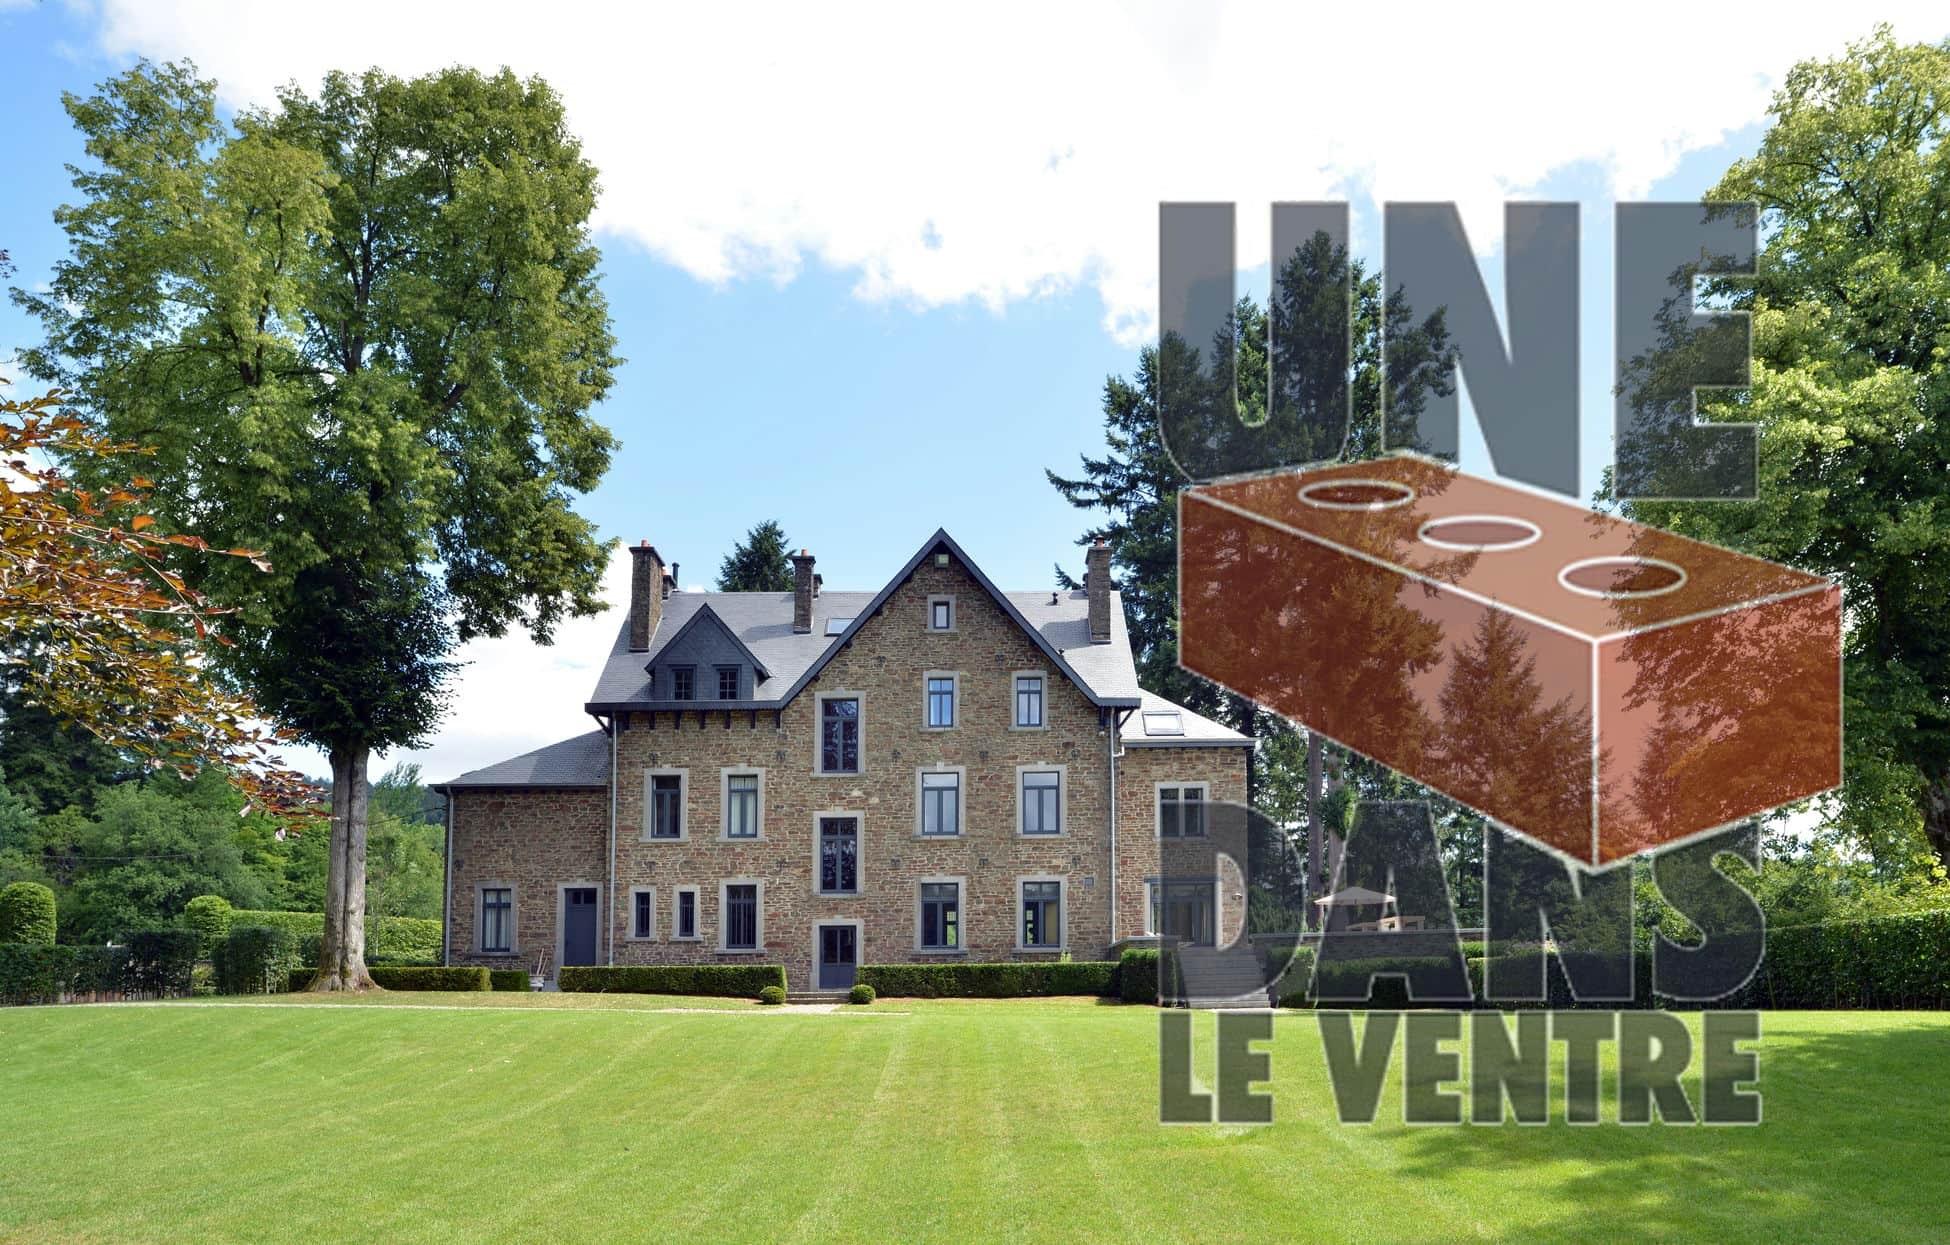 Ardenne Résidences et Château Lacrou dans l'émission Une Brique dans le Ventre